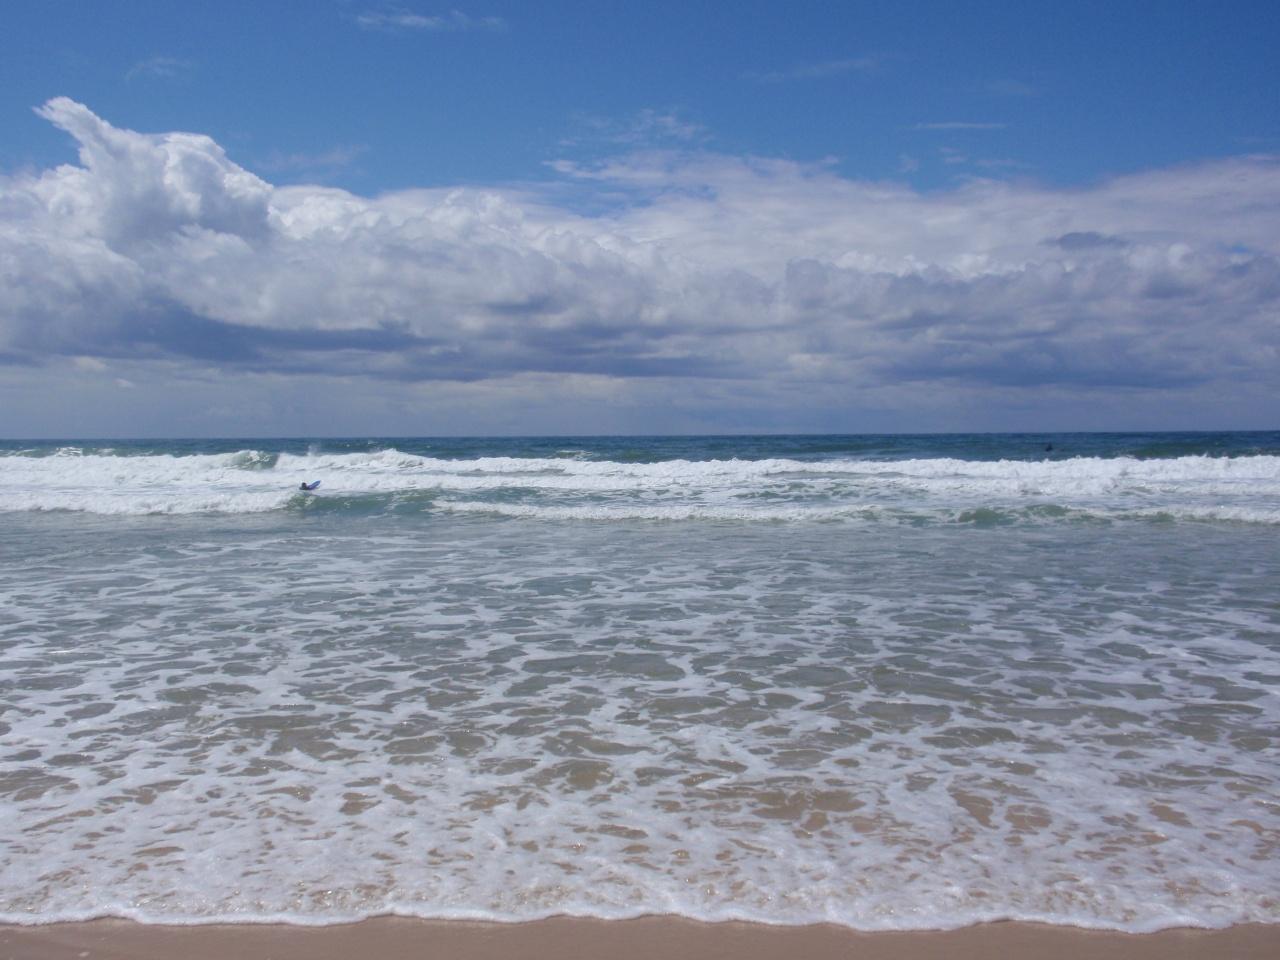 Océan Atlantique à Carcans Maubuisson - Gironde - Juillet 2008